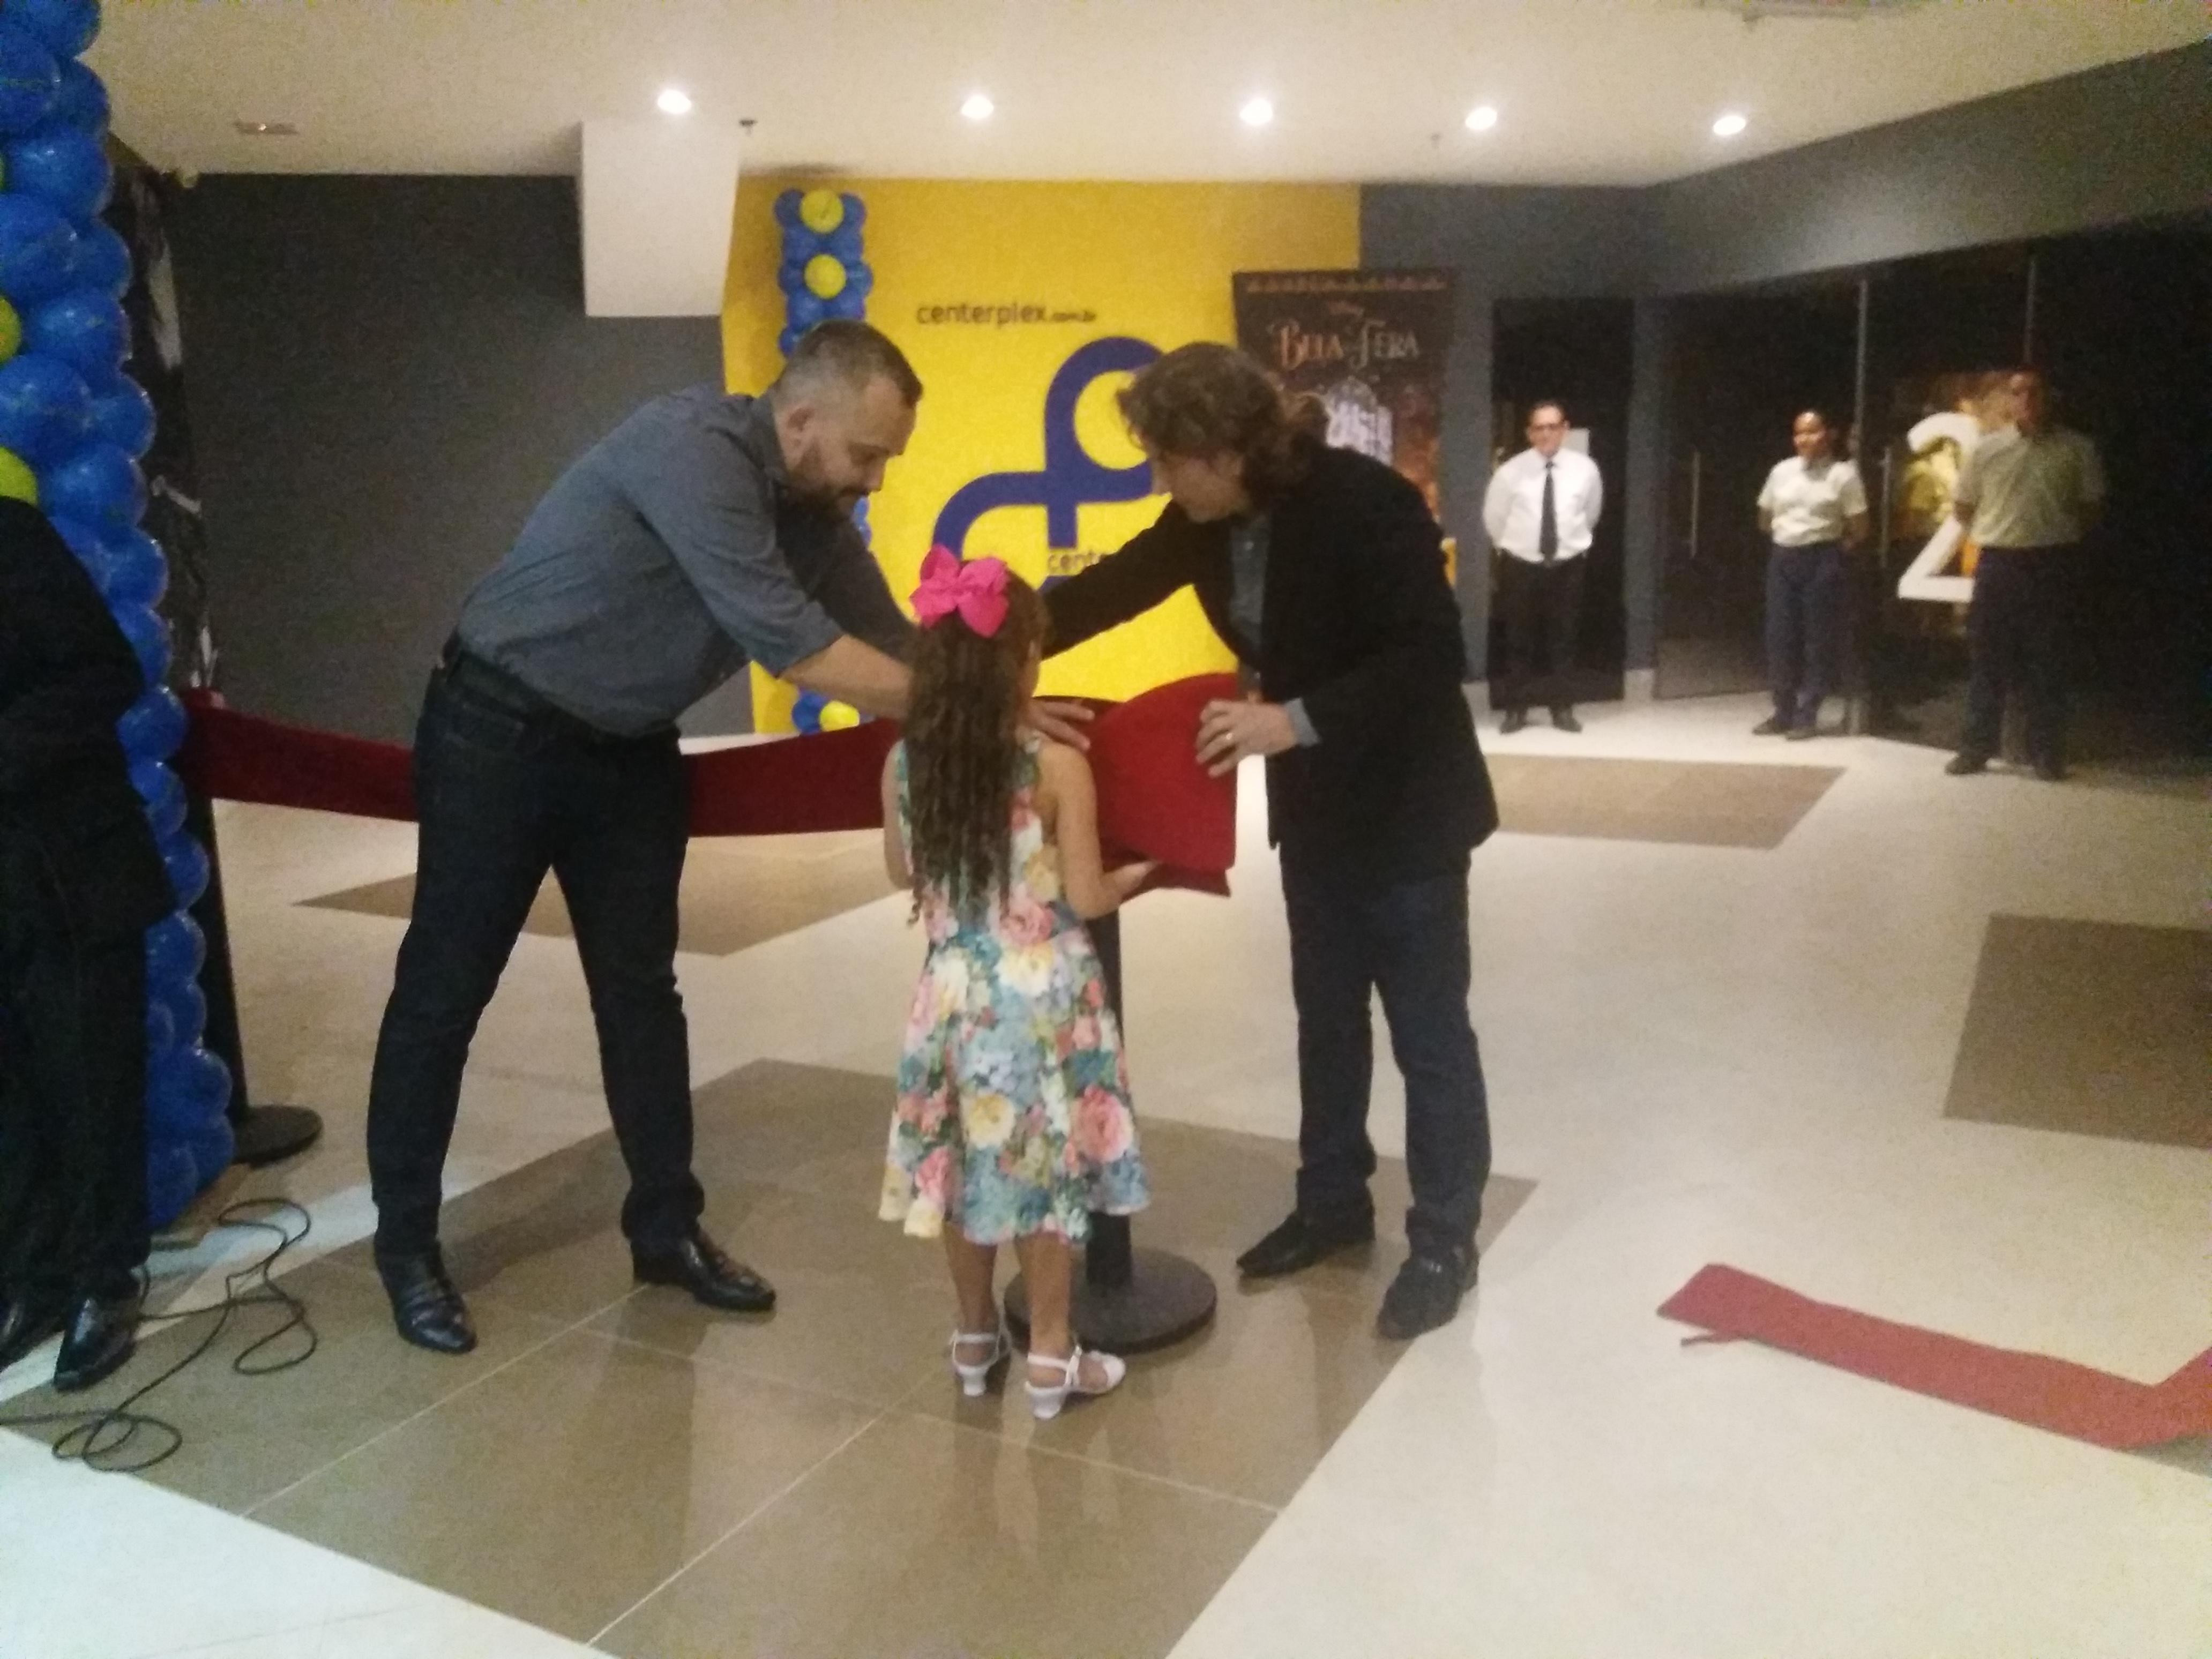 Coquetel de inauguração do Centerplex Cinemas em Maranguape-CE. Foto Dadynha Saturnino (53)